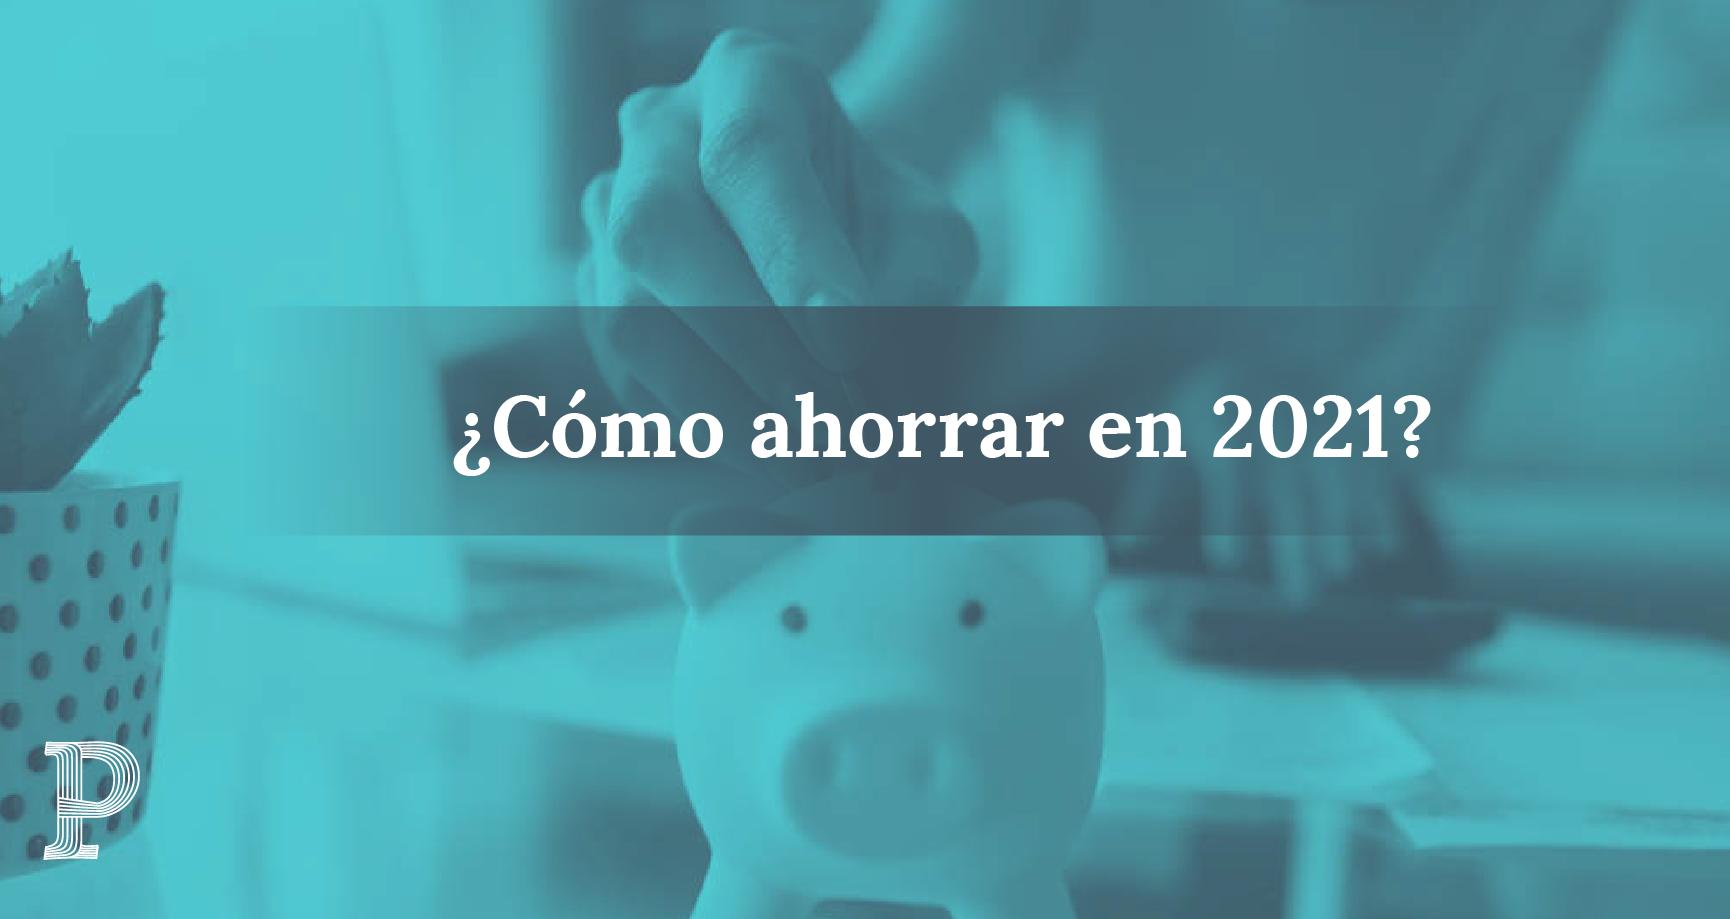 Desafío del ahorro 2021